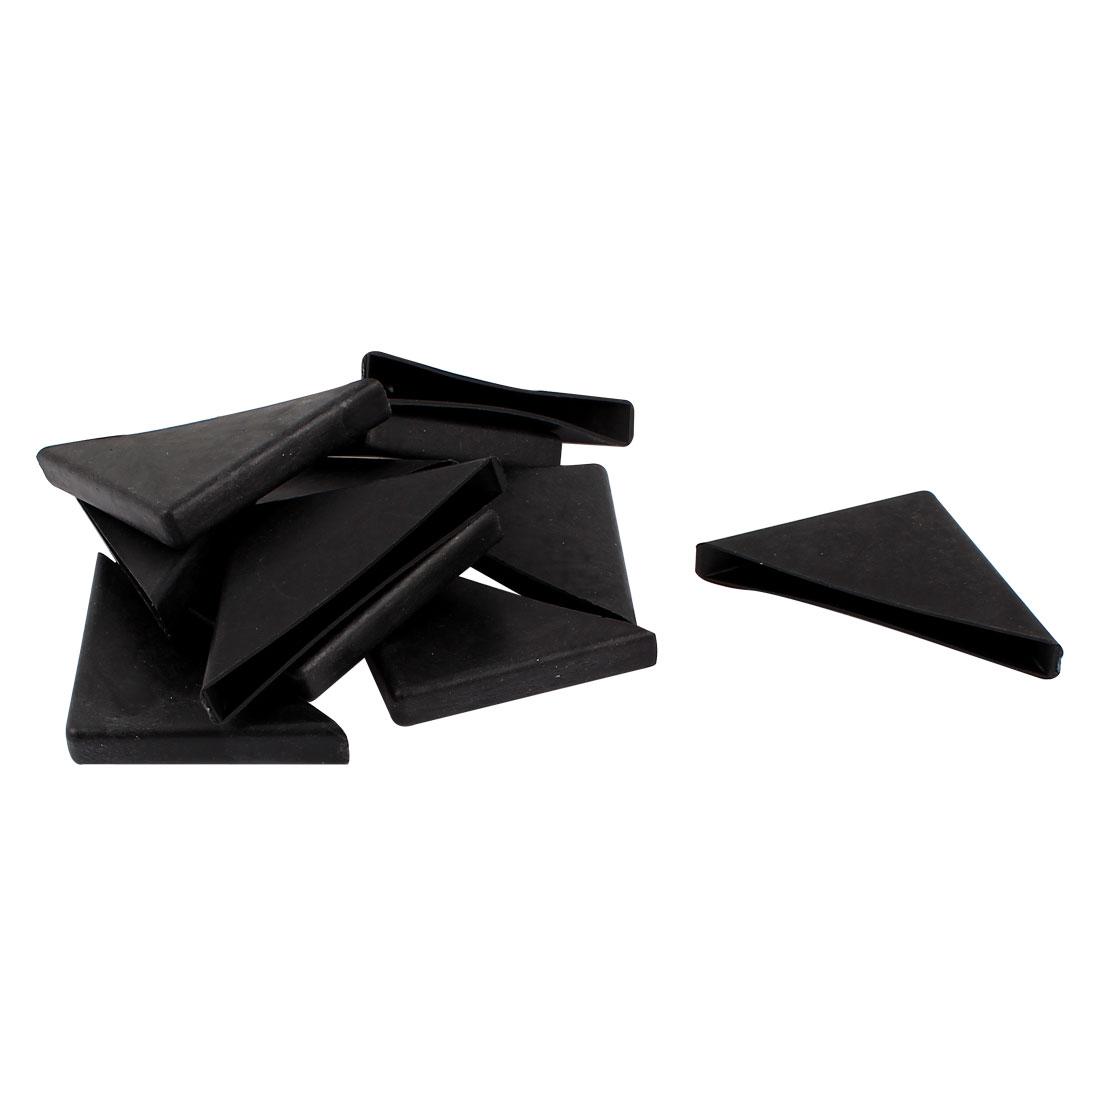 10 Pcs 8mm x 75mm Black Plastic Recessed Furniture Corner Protectors